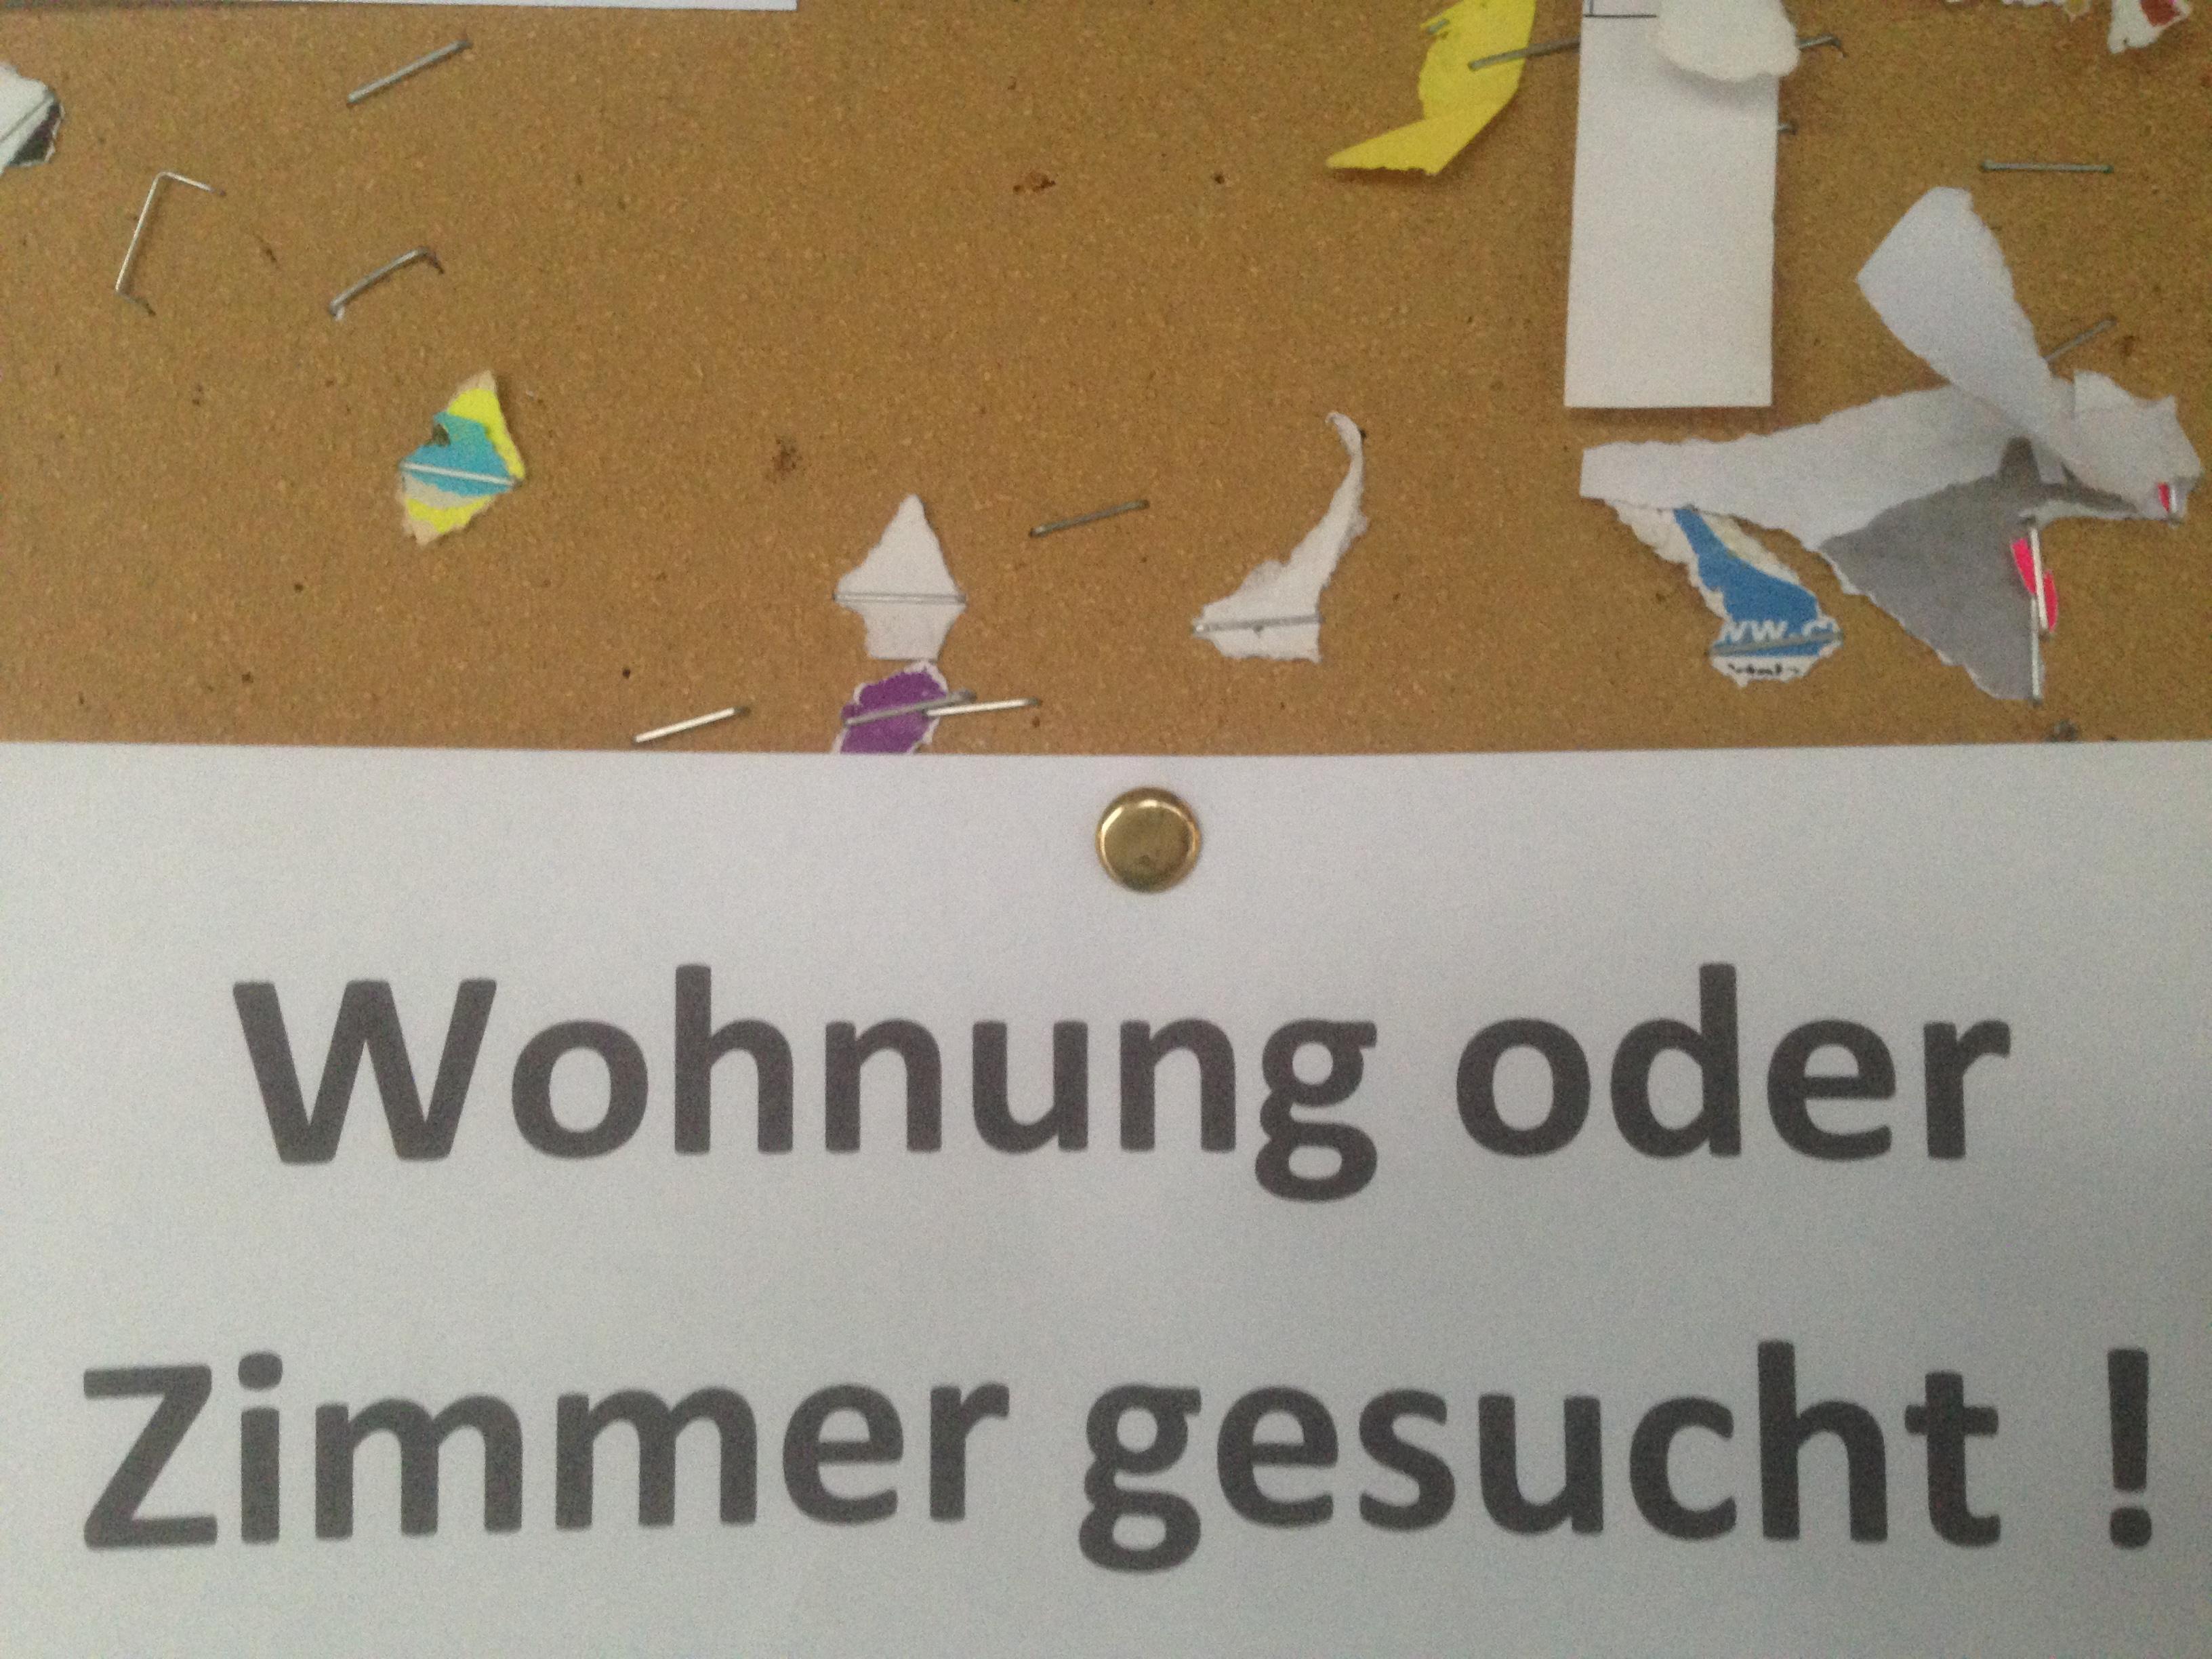 Bitte lächeln, WG-Bewerber-Nr. 61!